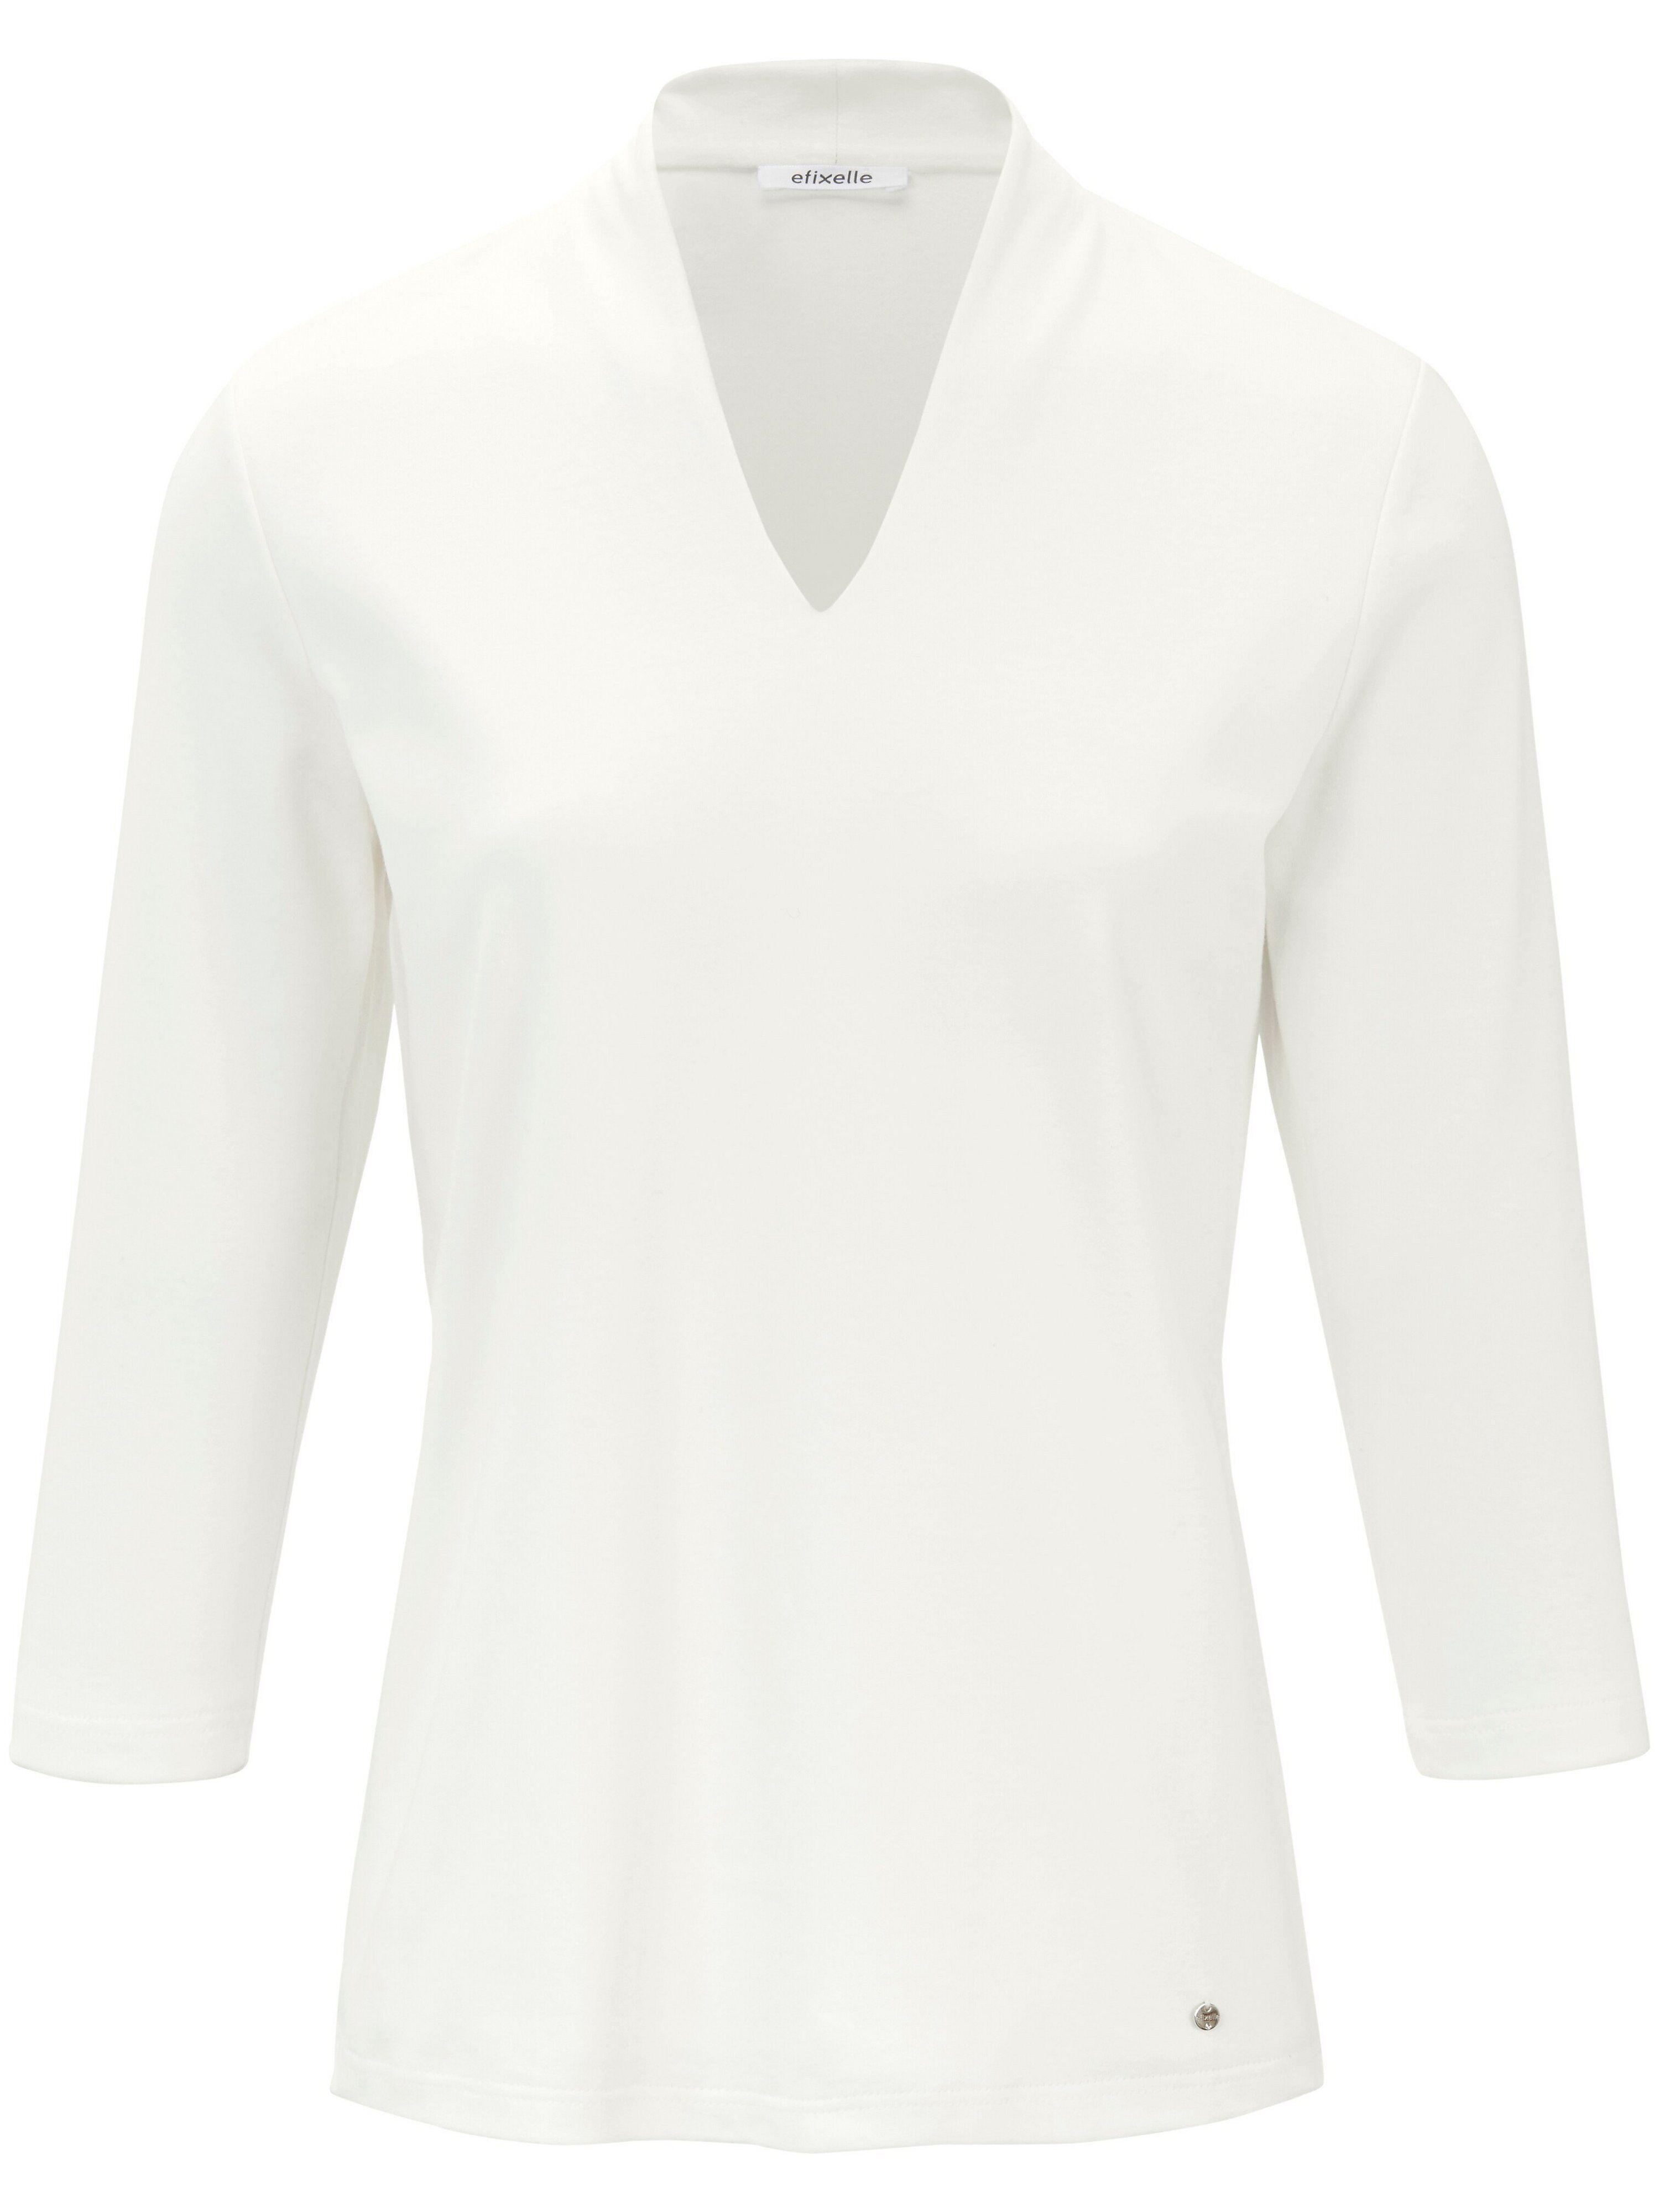 Efixelle Le T-shirt manches 3/4 100% coton  Efixelle beige  - Femme - 38